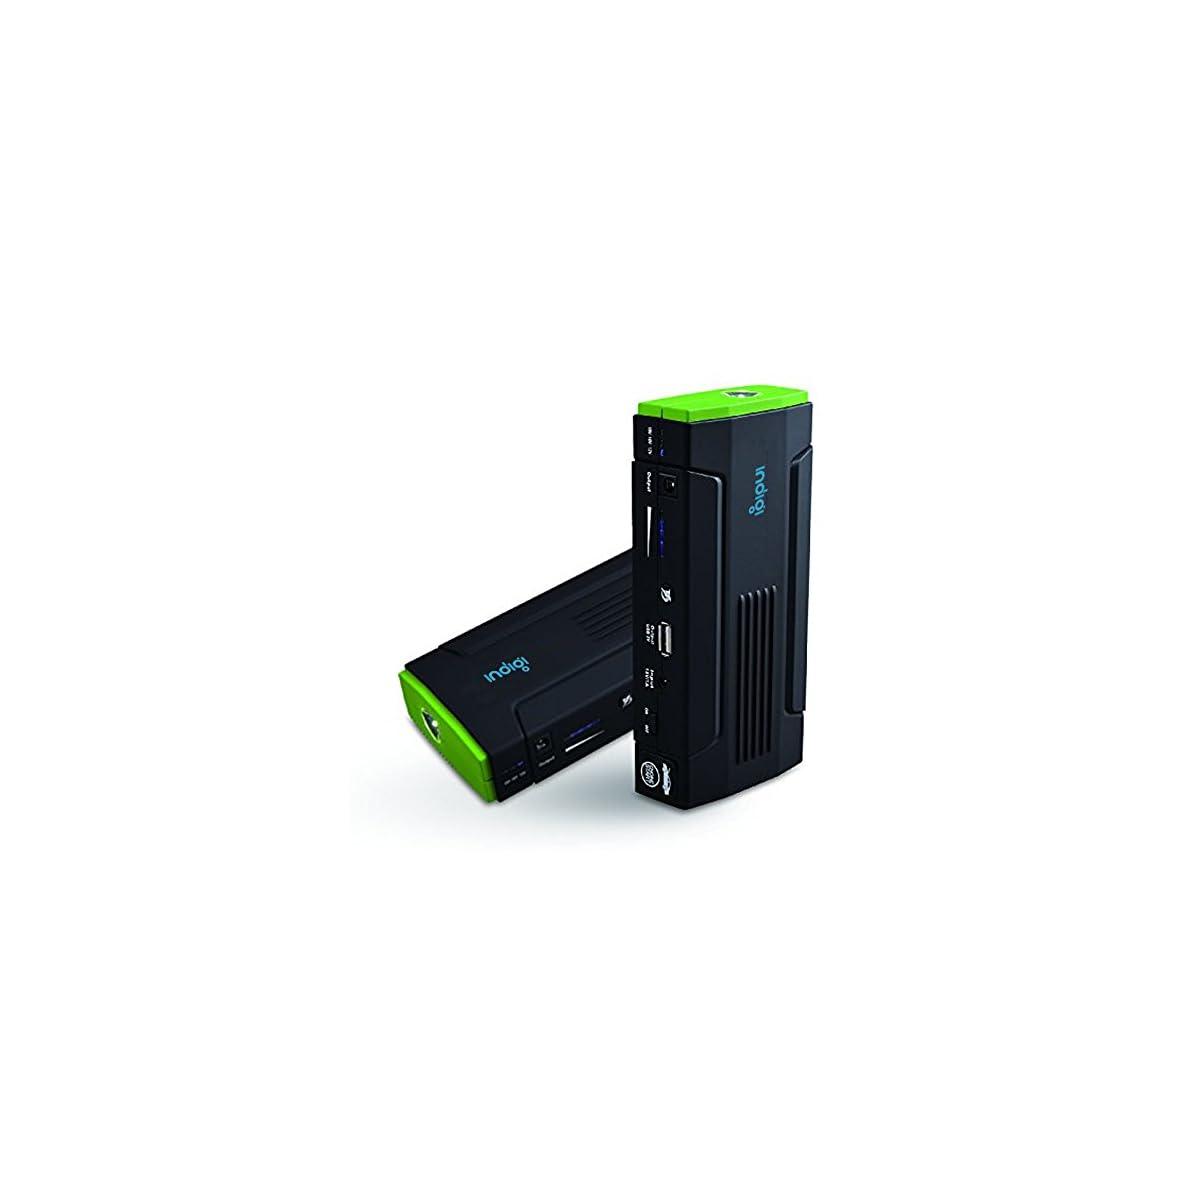 41waQk8UztL. SS1200  - Indigi® 12800mAh resistente portátil salto de arranque emergencia para coche-Car Jump Starter Power Bank iPhone iPad portátil